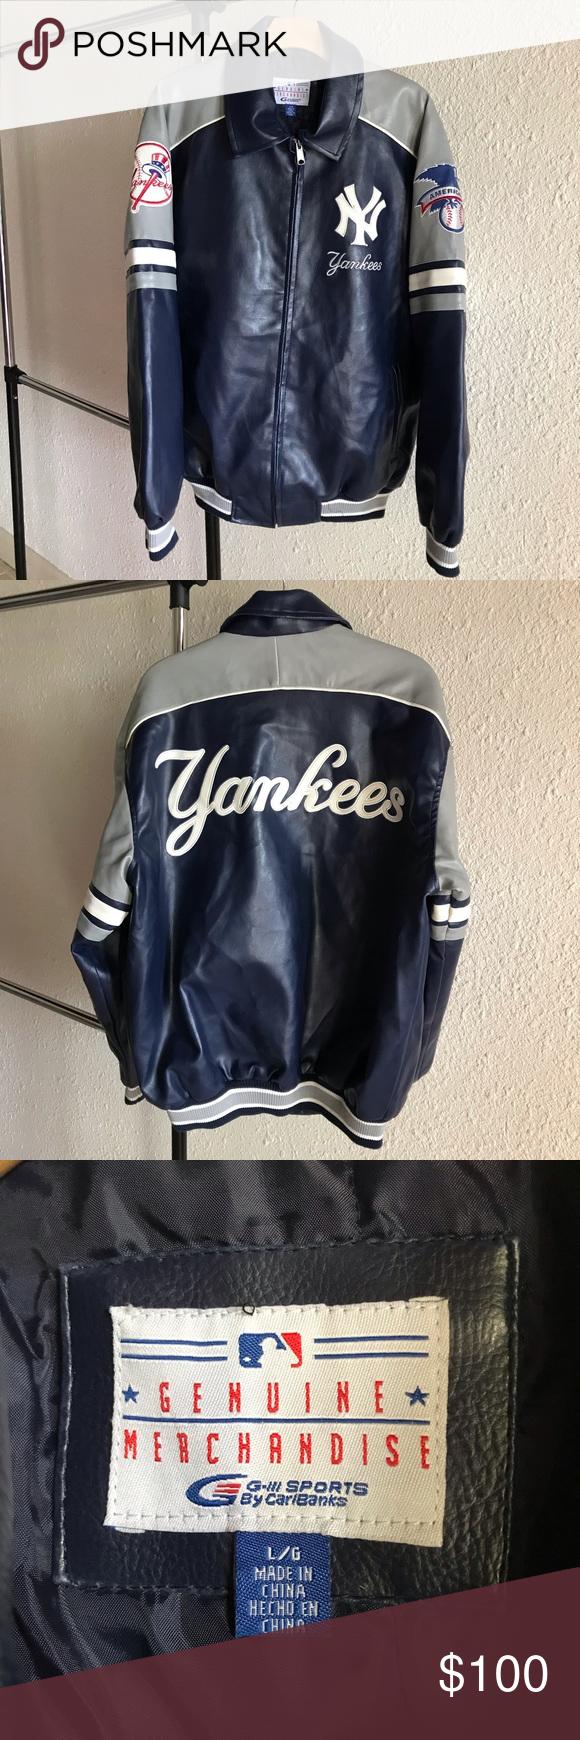 New York Yankees Leather Jacket Ny Mlb Embroidered Leather Jacket Jackets New York Yankees [ 1740 x 580 Pixel ]